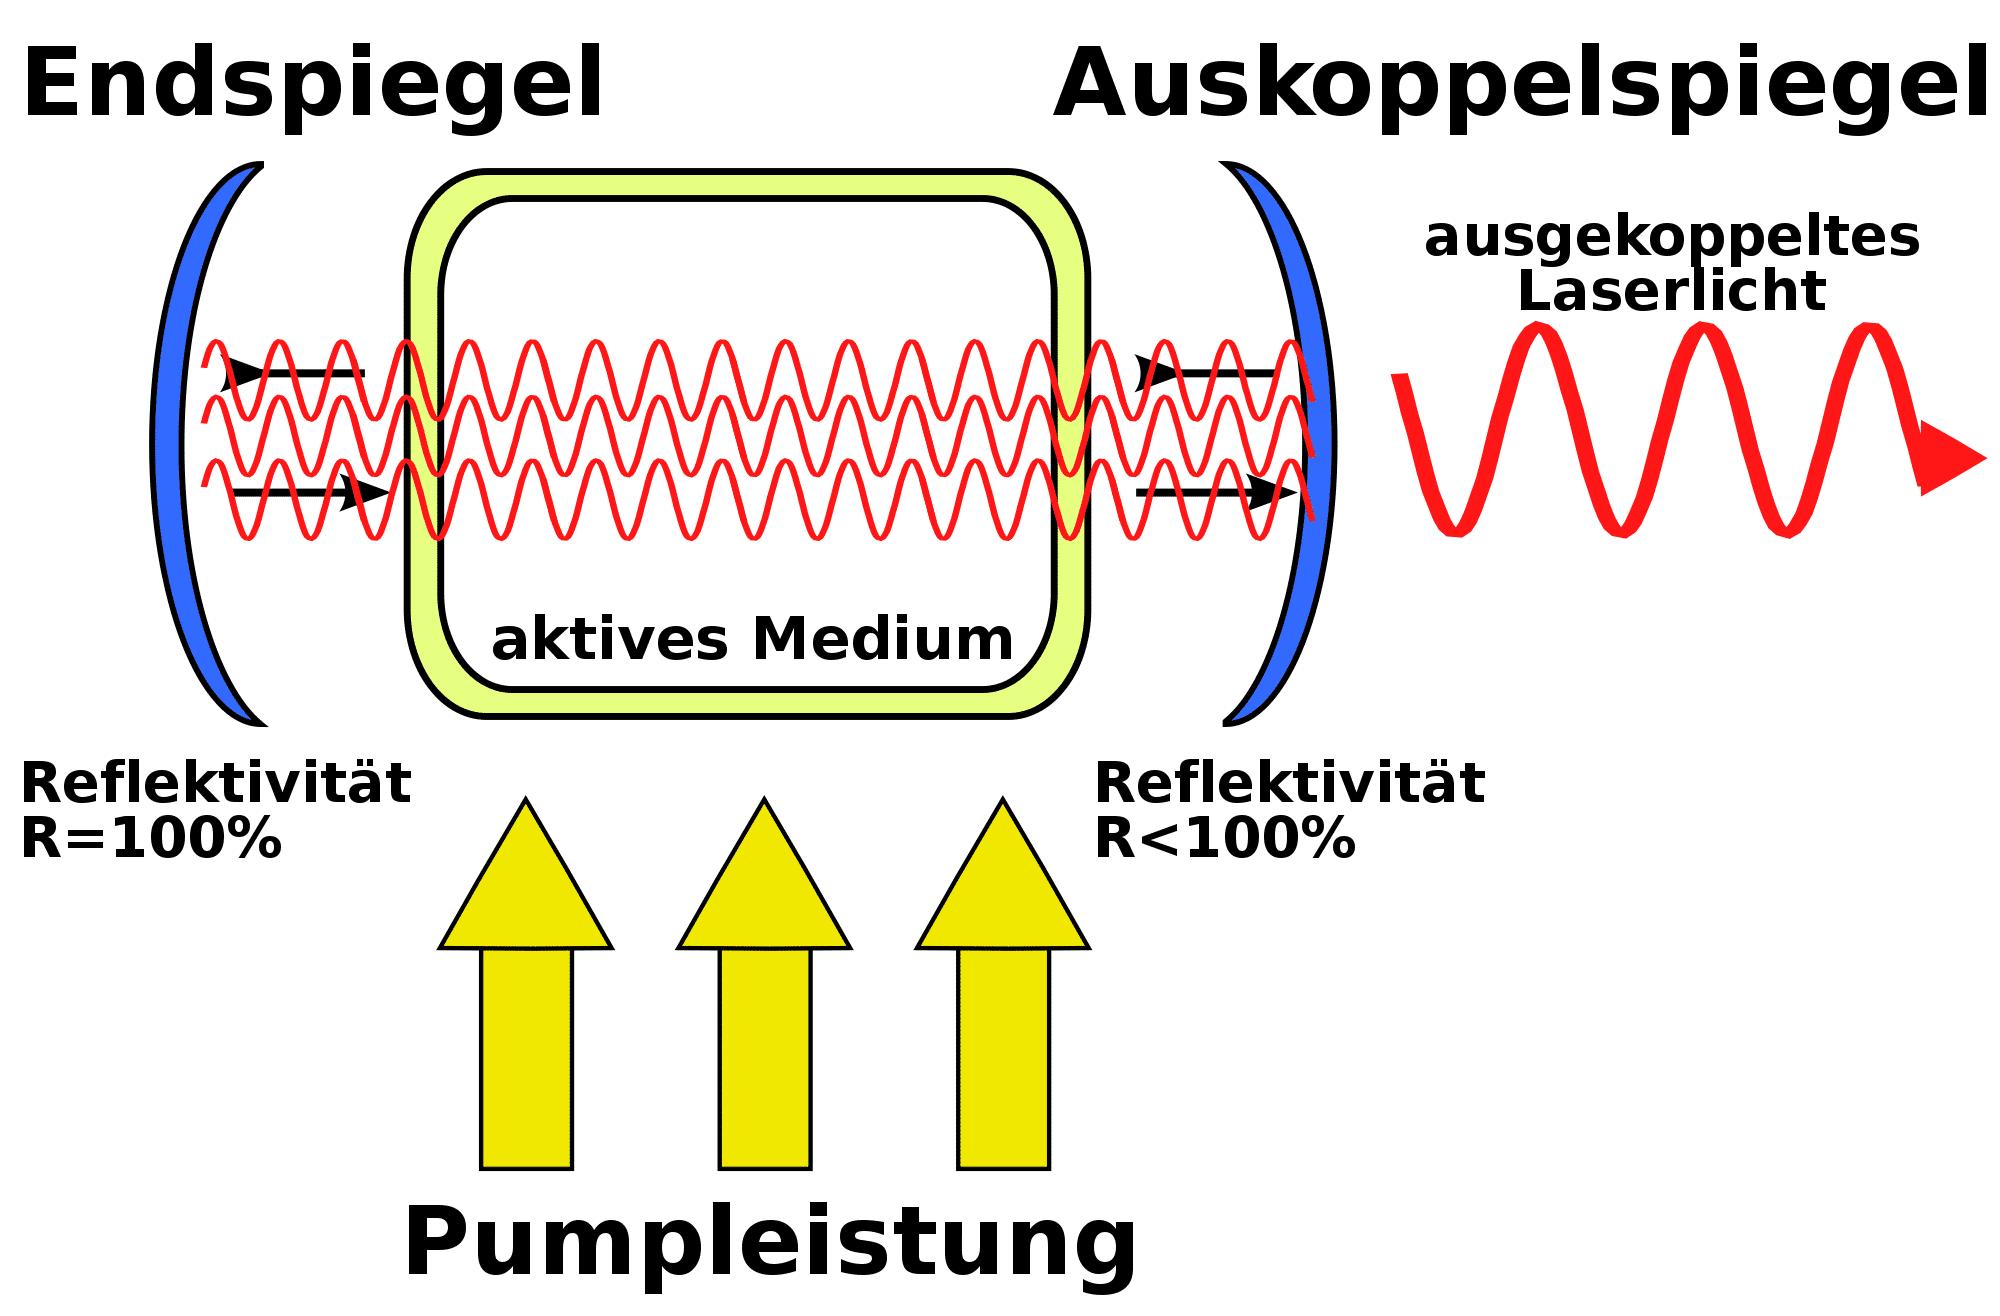 Eine Pumpe pumpt kontinuierlich Licht ins Lasermedium, wodurch dort die Besetzungsinversion entsteht. Mittels Resonator erfolgt eine Verstärkung per Kettenreaktion. Laserstrahlen verlassen den Laser durch einen teildurchhlässigen Spiegel.